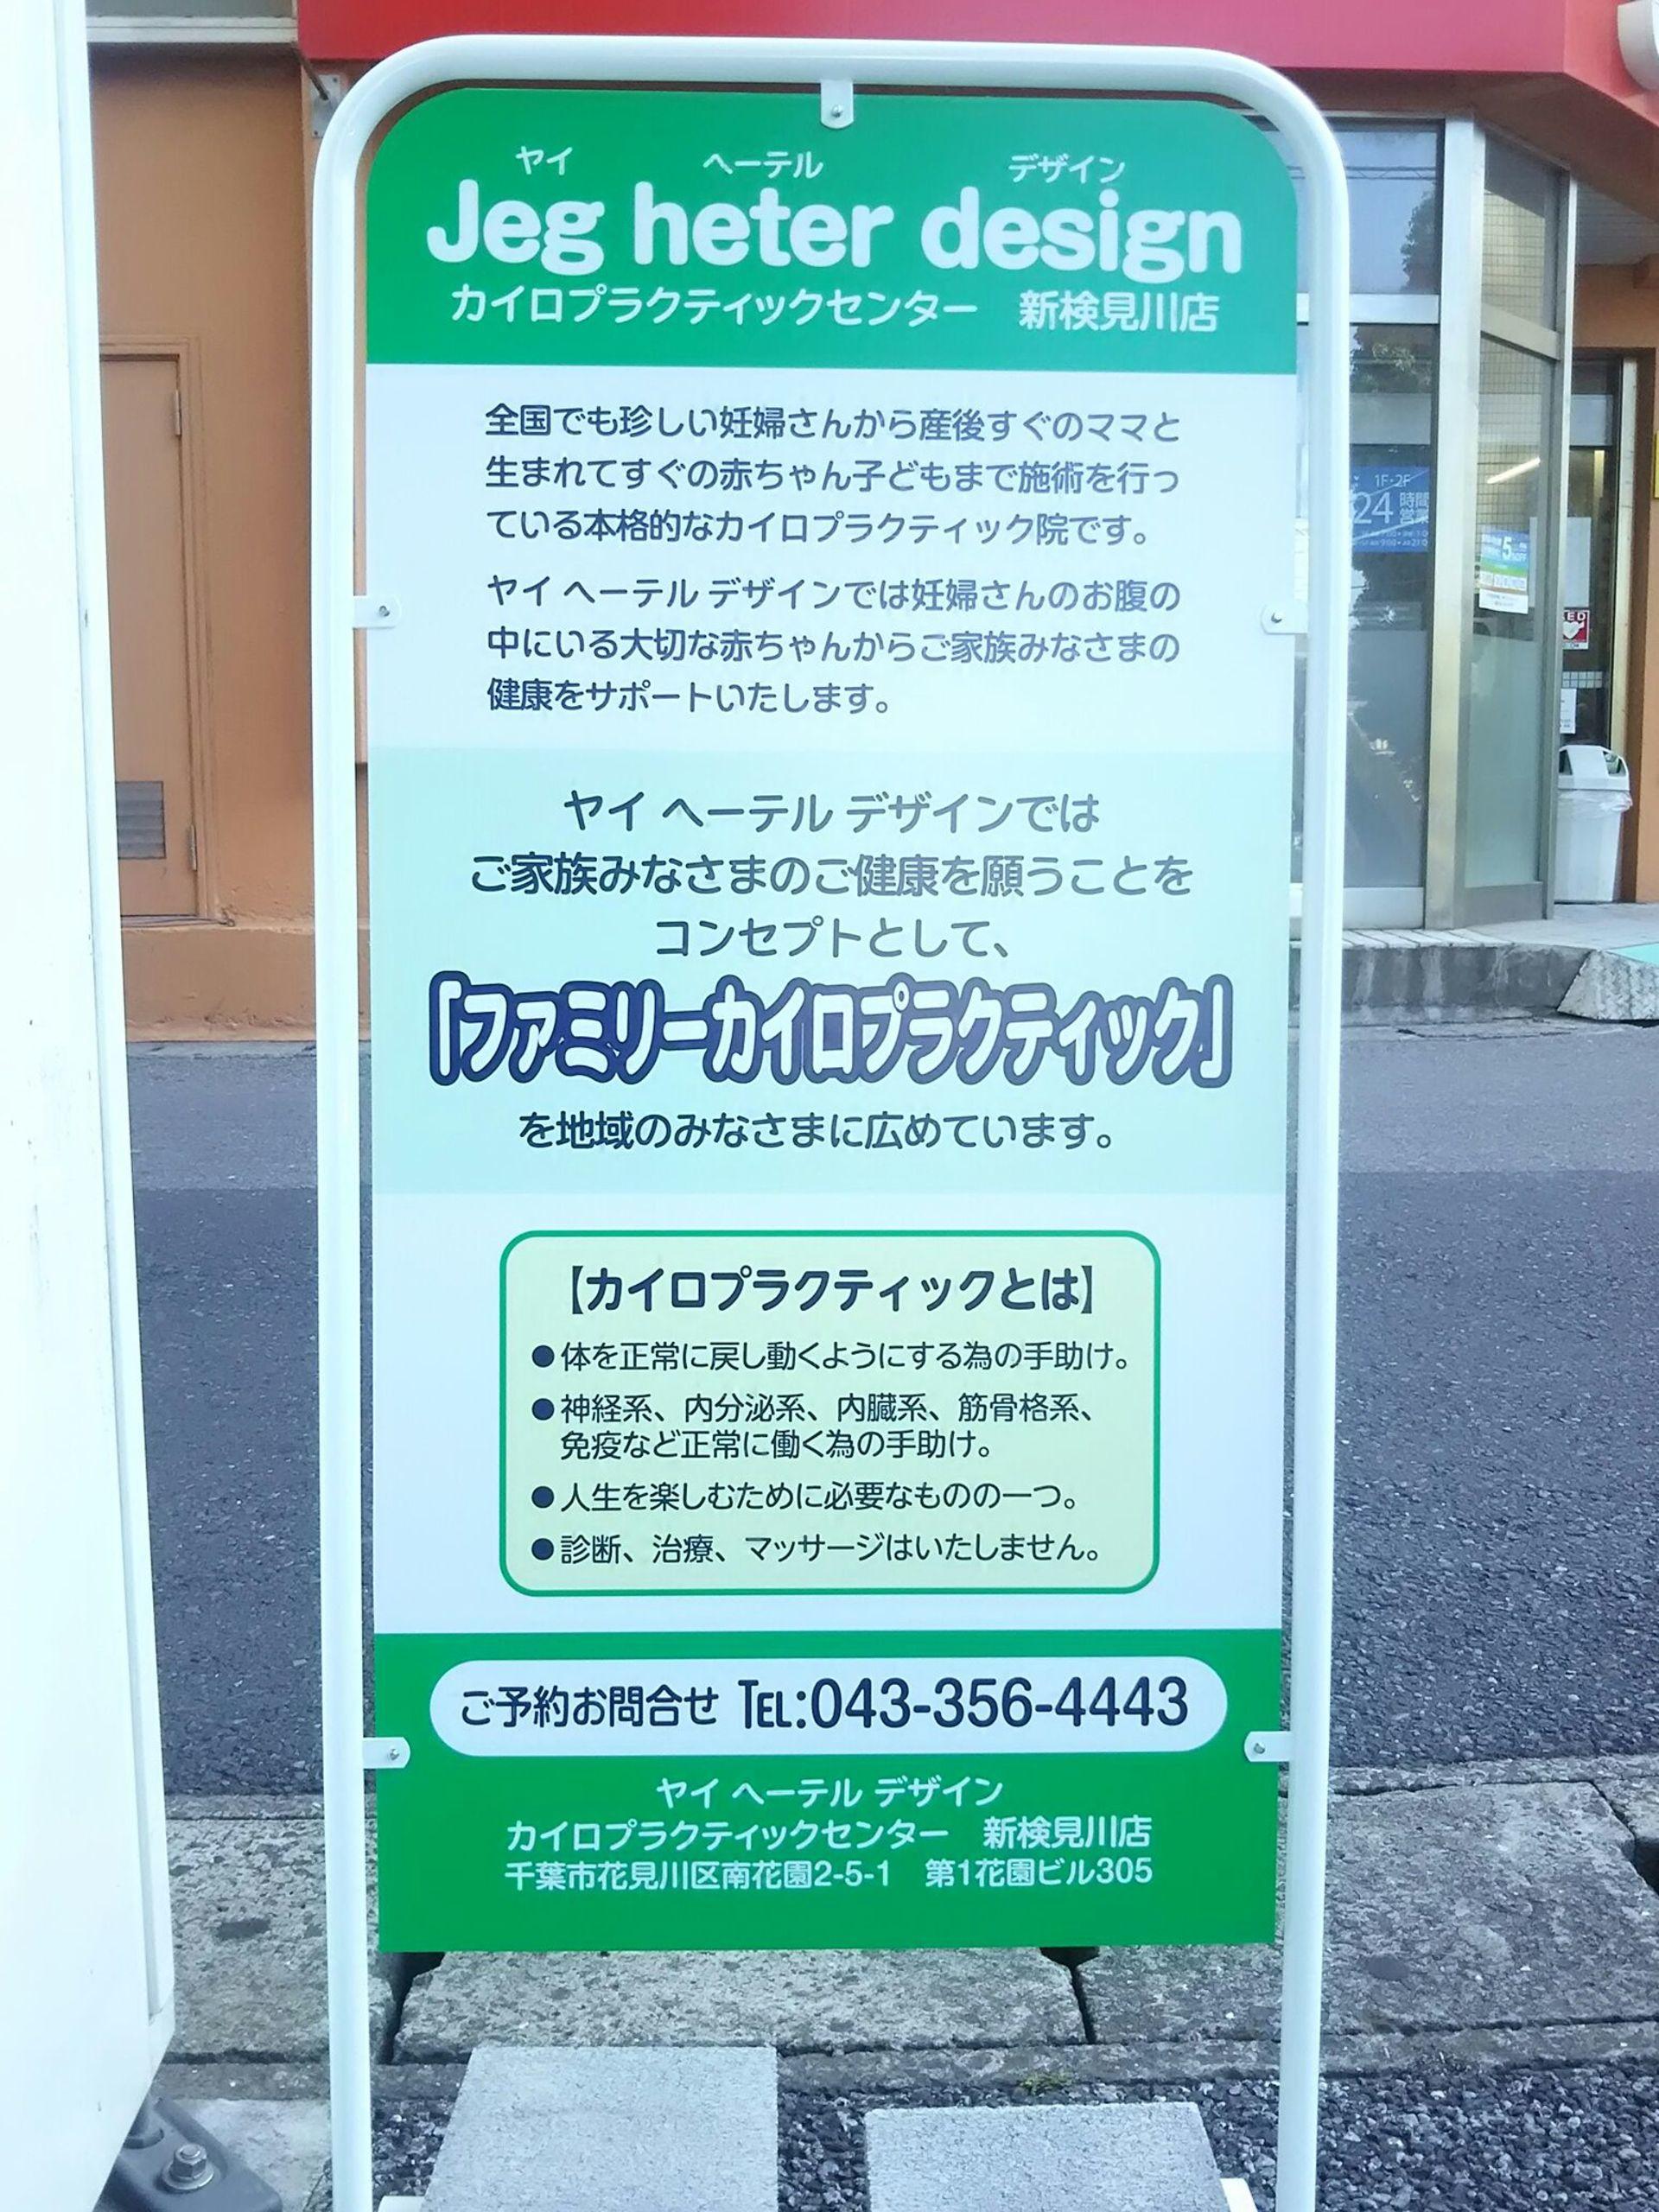 ヤイヘーテルデザインカイロプラクティックセンター 新検見川店のメイン画像